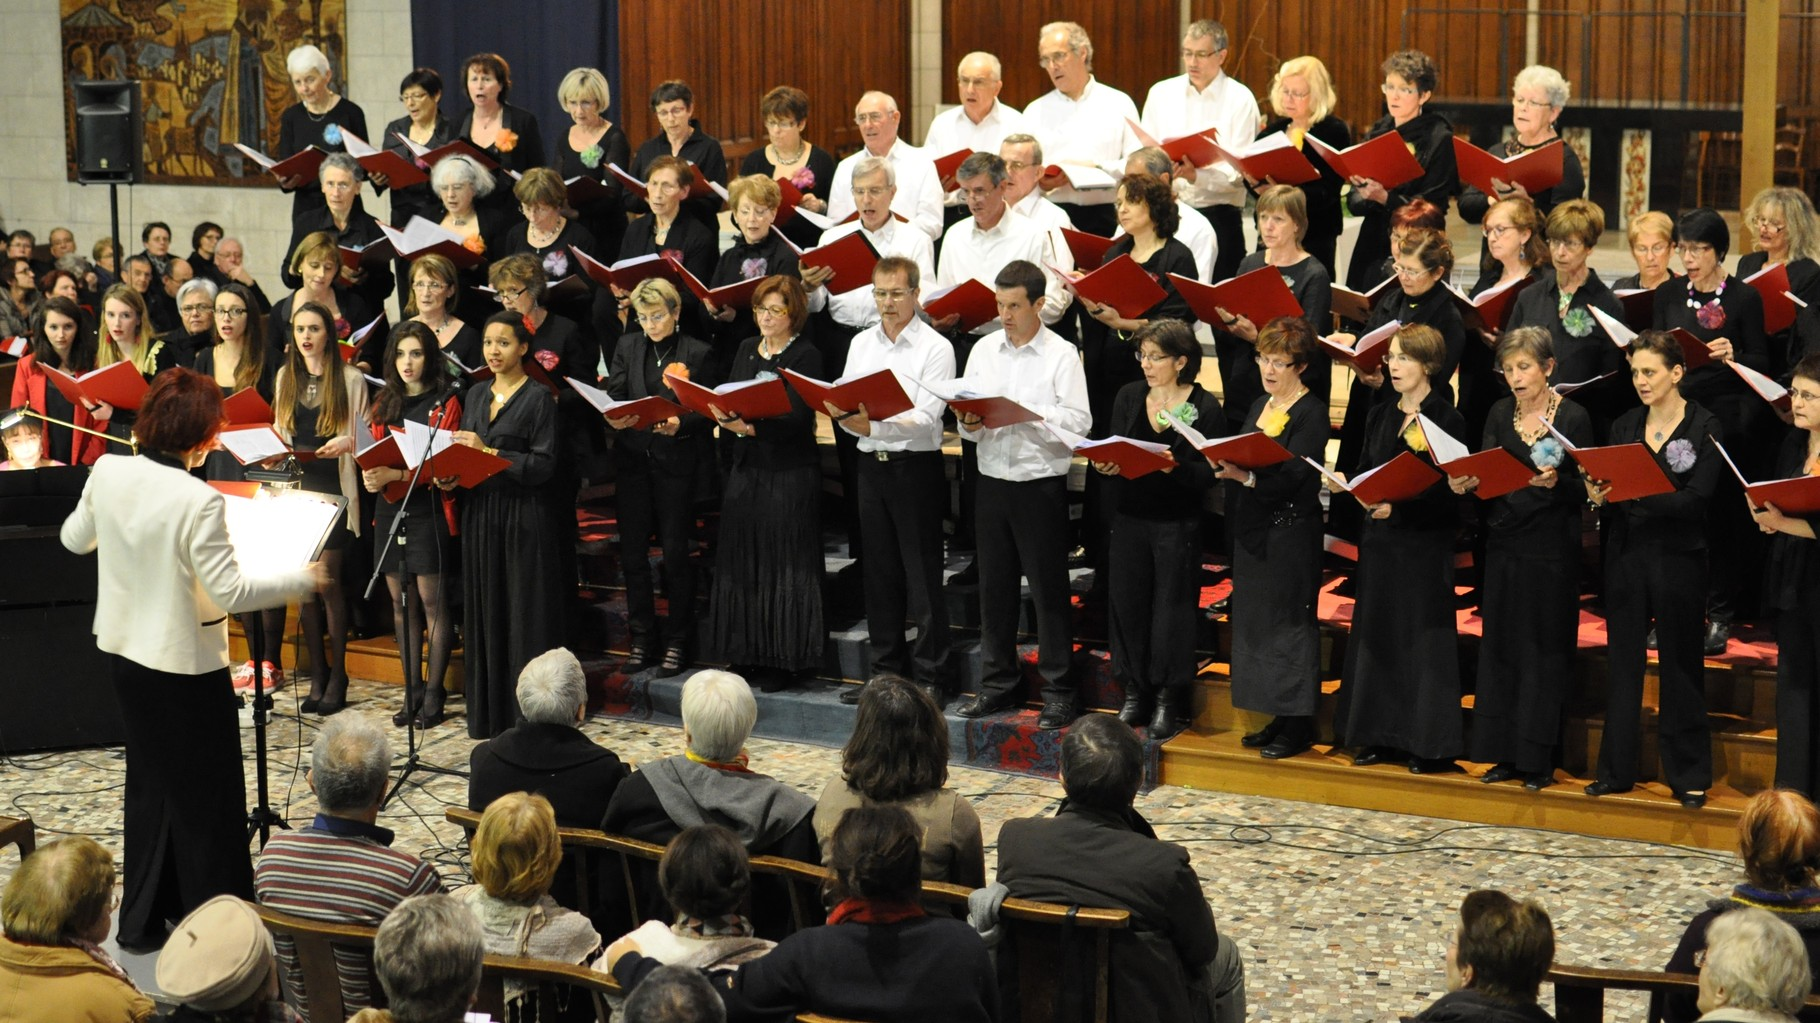 2014 - Concert pour l'ADOT, en l'église Jeanne d'Arc de Clermont-Ferrand